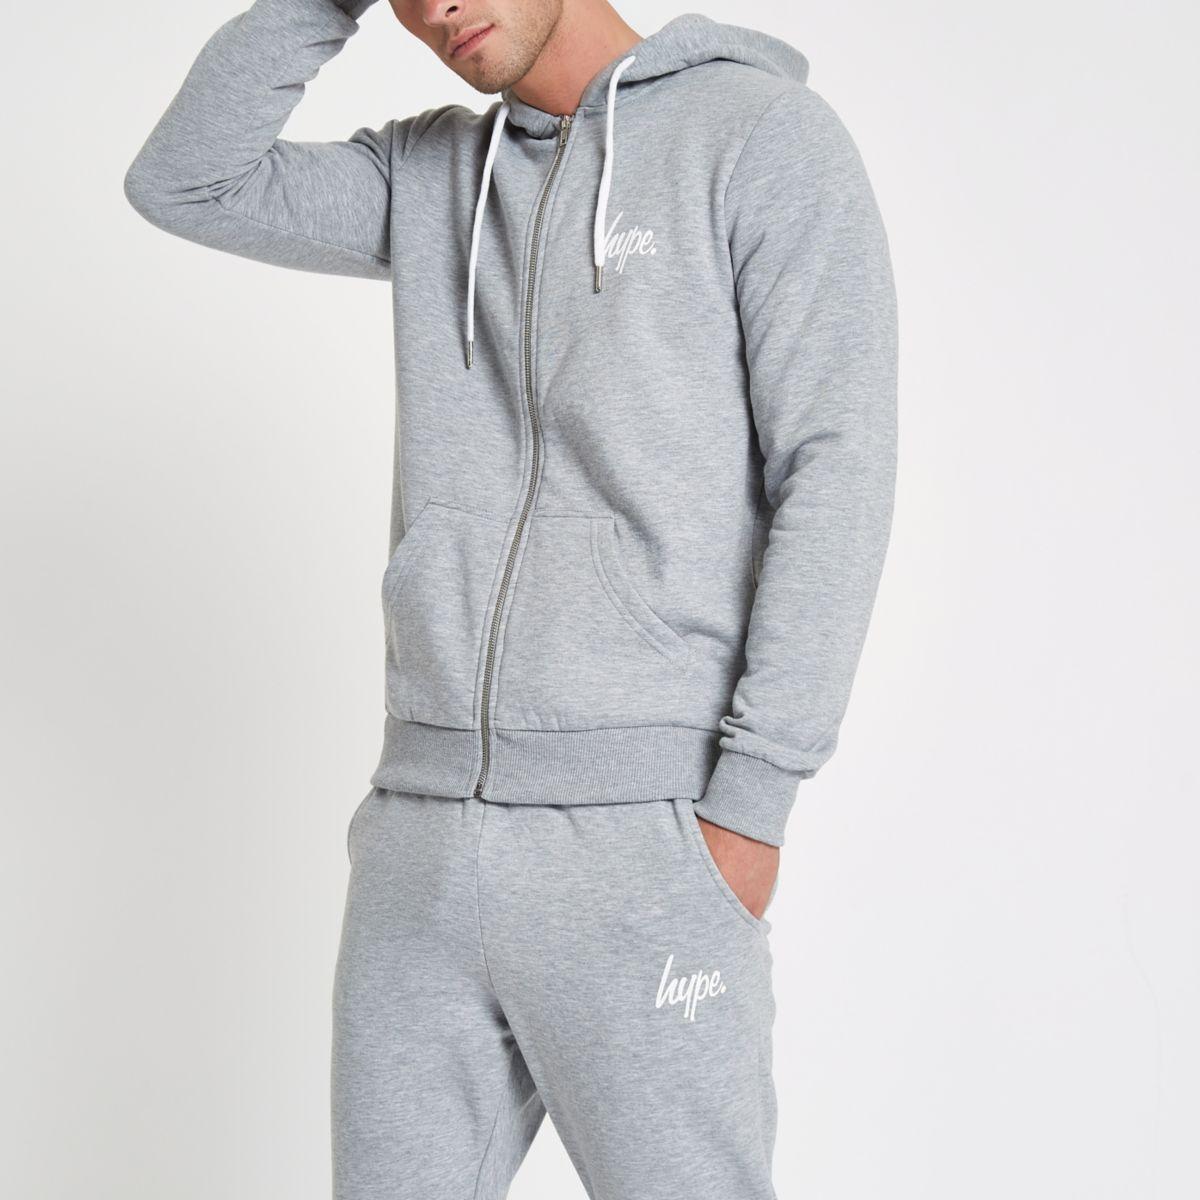 Hype grey zip front hoodie